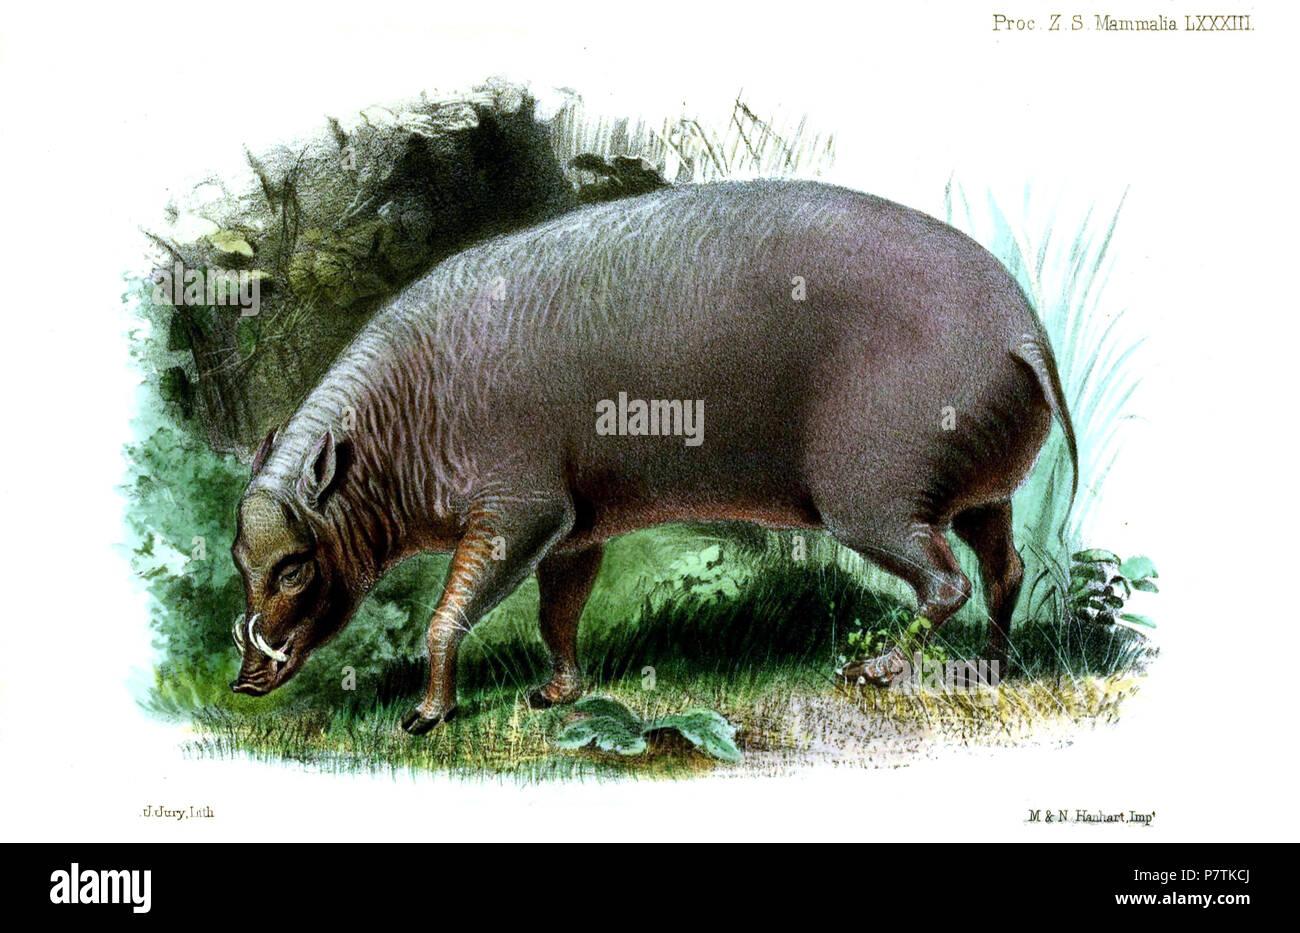 Babirussa alfurus 'ex ins. Celebes' = Babyrousa celebensis Deninger, 1909,  English: North Sulawesi Babirusa, young male . 1860 (published 1861) 31 BabirussaAlfurusJury - Stock Image